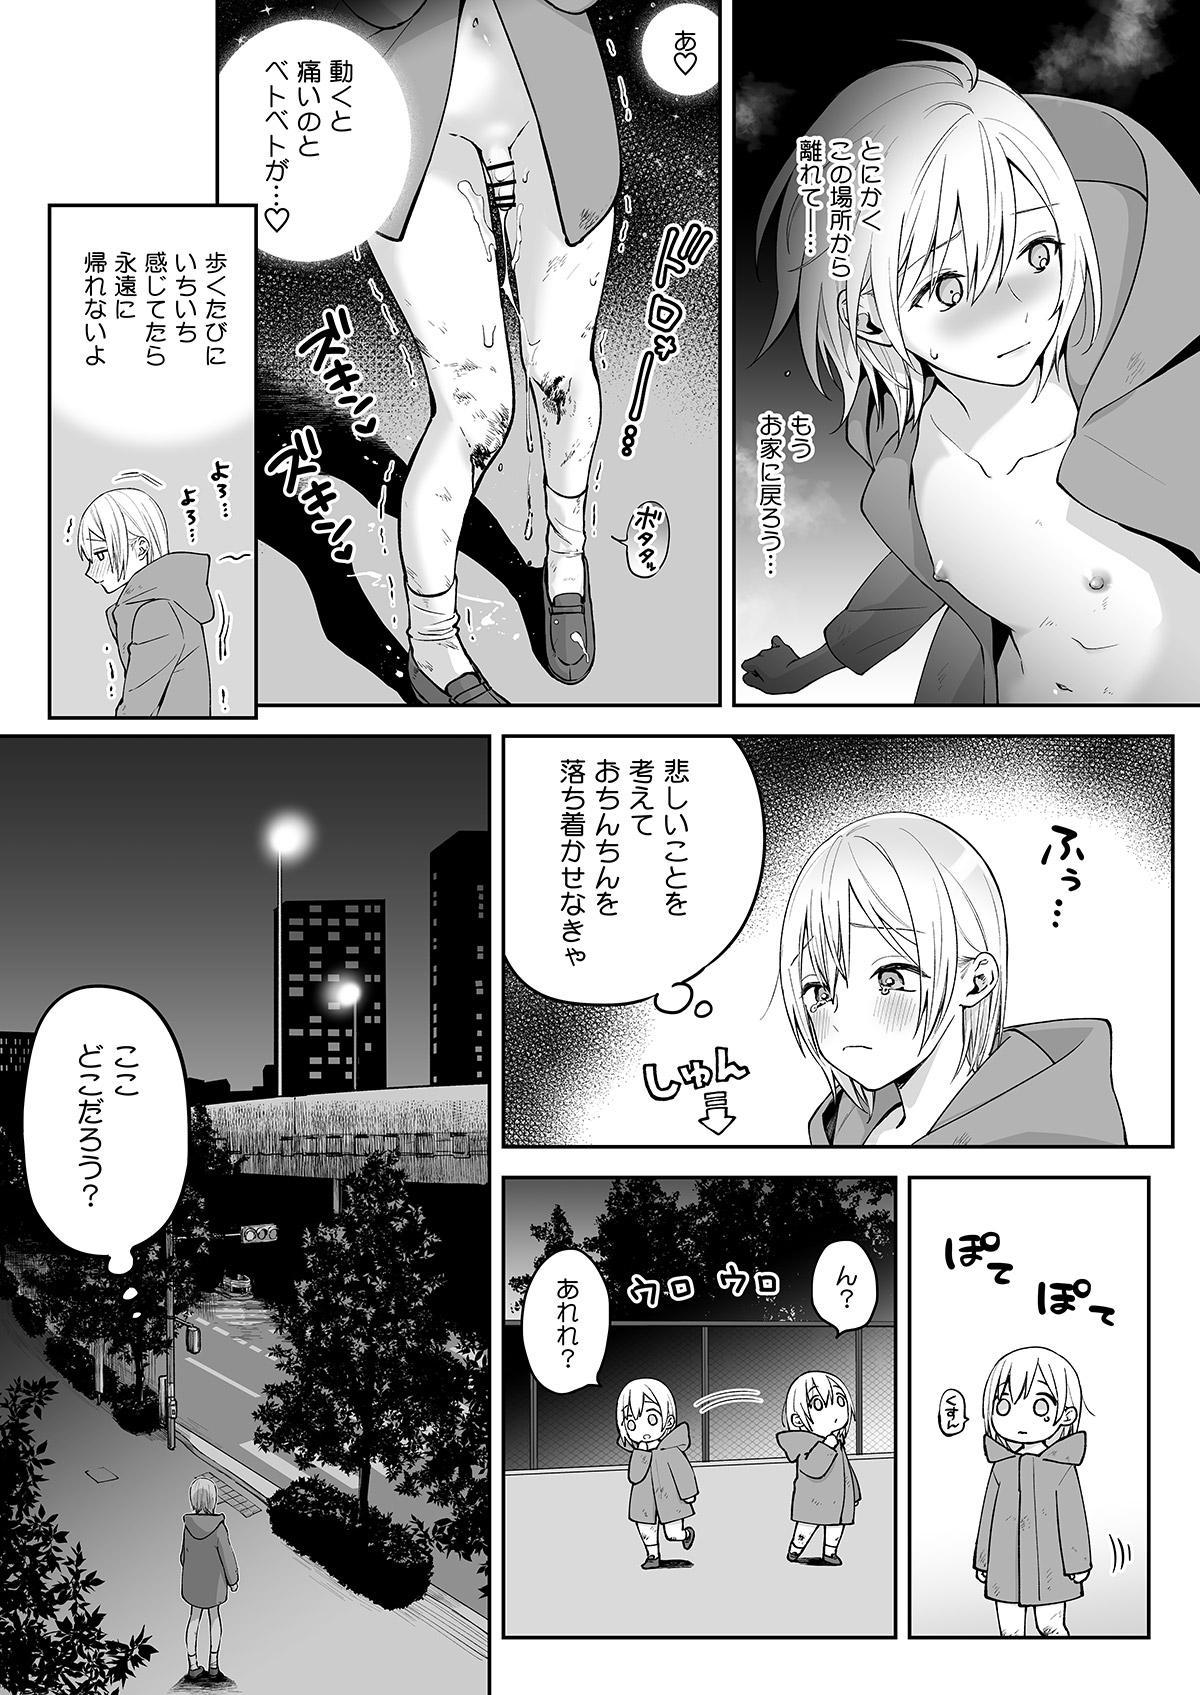 オナ兄さん・夜のおさんぽ露出 20